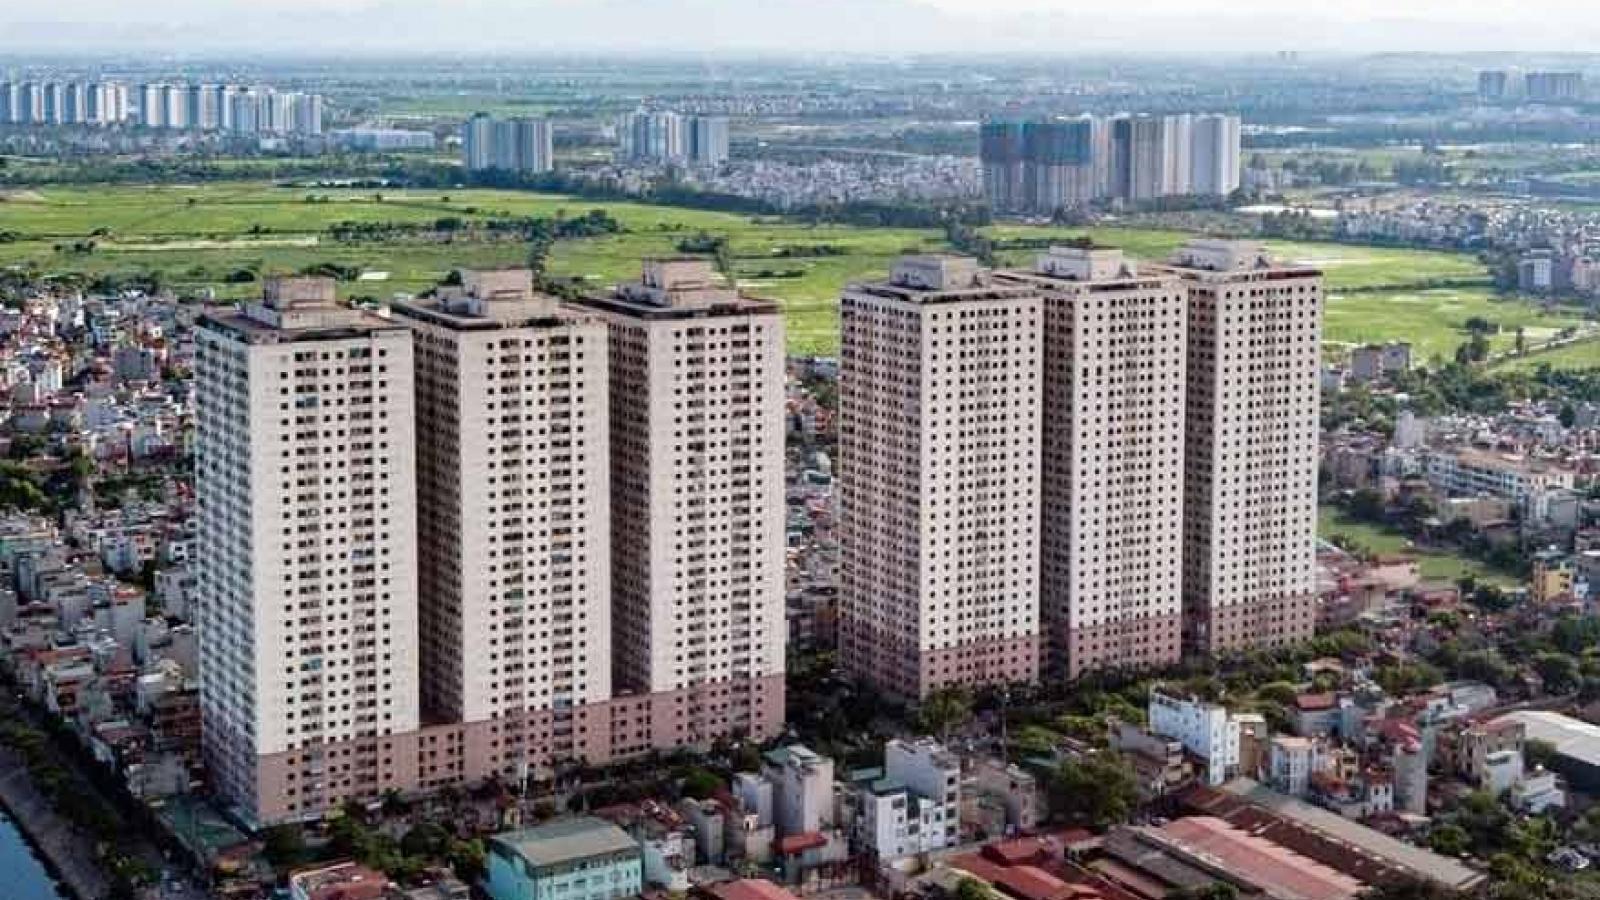 Hà Nội phong tỏa 1 tòa nhà chung cư Đại Thanh sau khi phát hiện ca mắc Covid-19